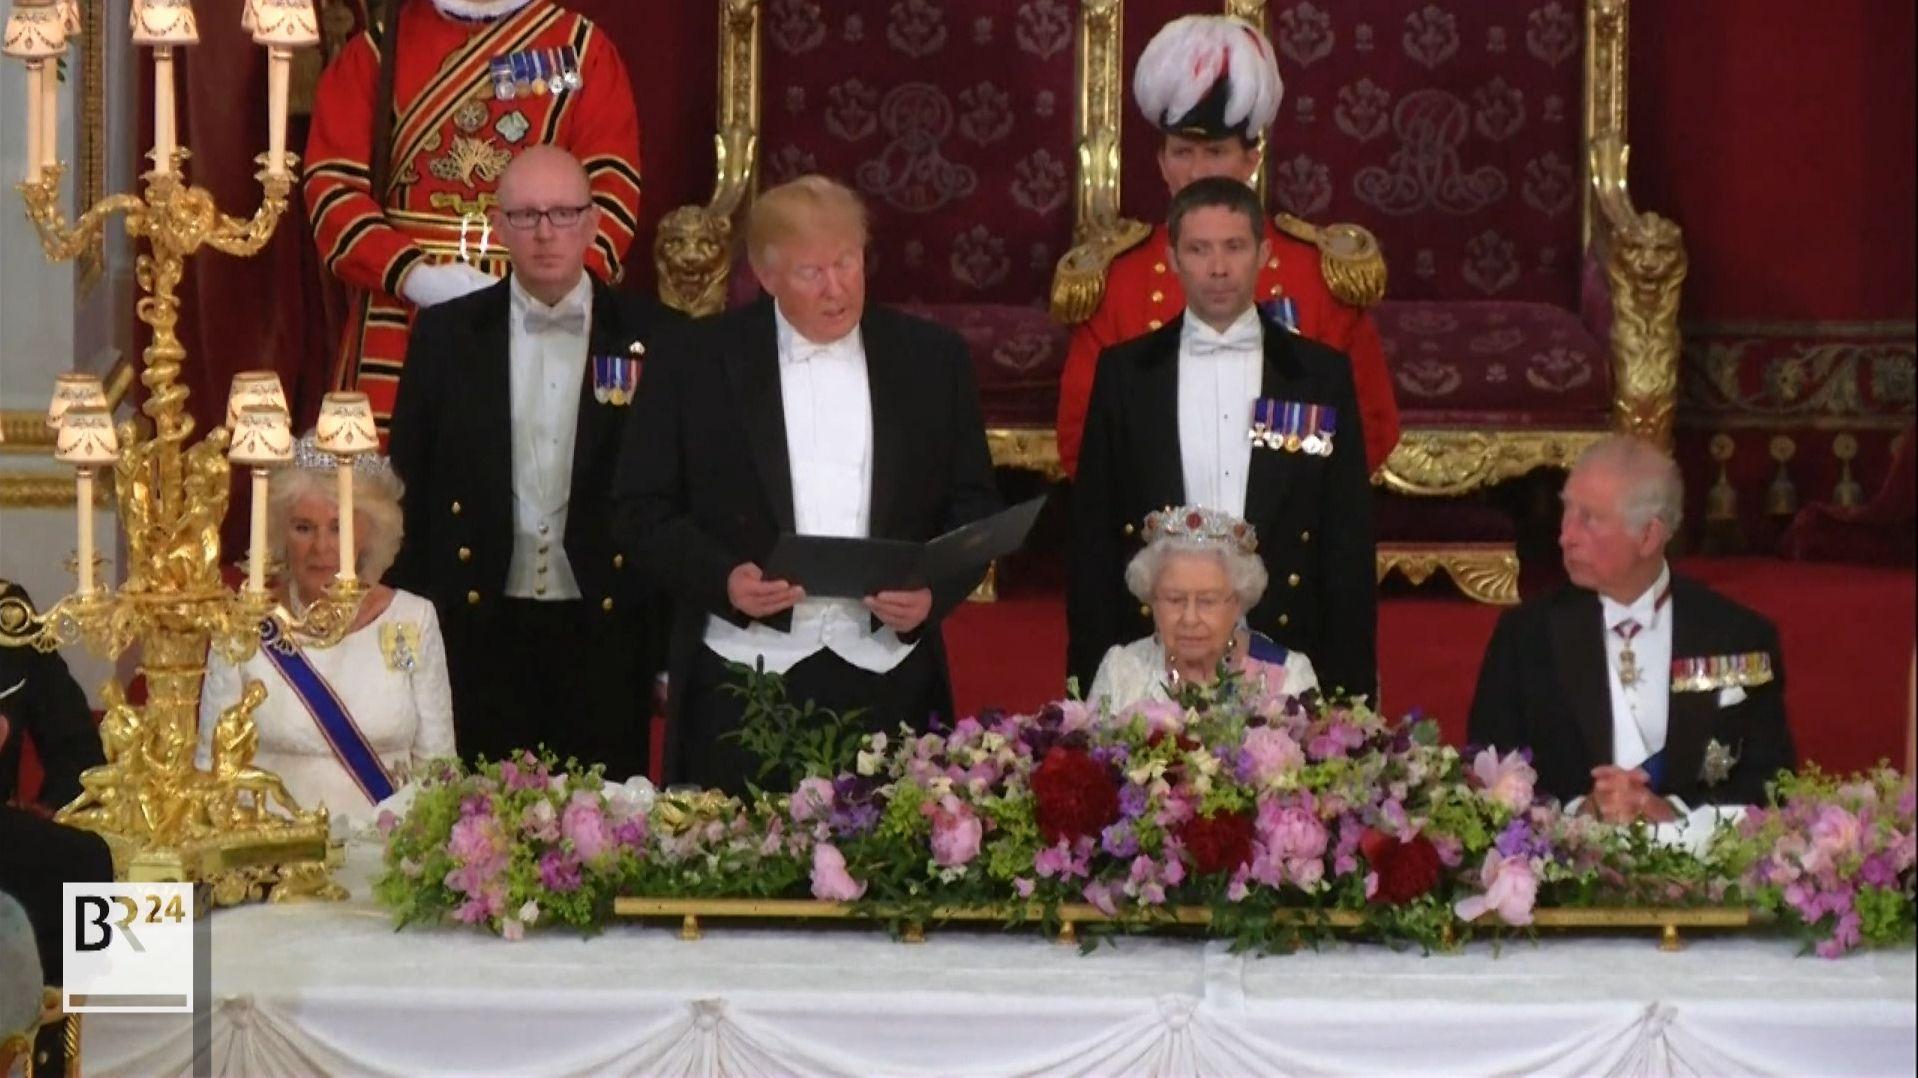 US-Präsident Trump hält eine Rede am Tisch vor britischen Royals